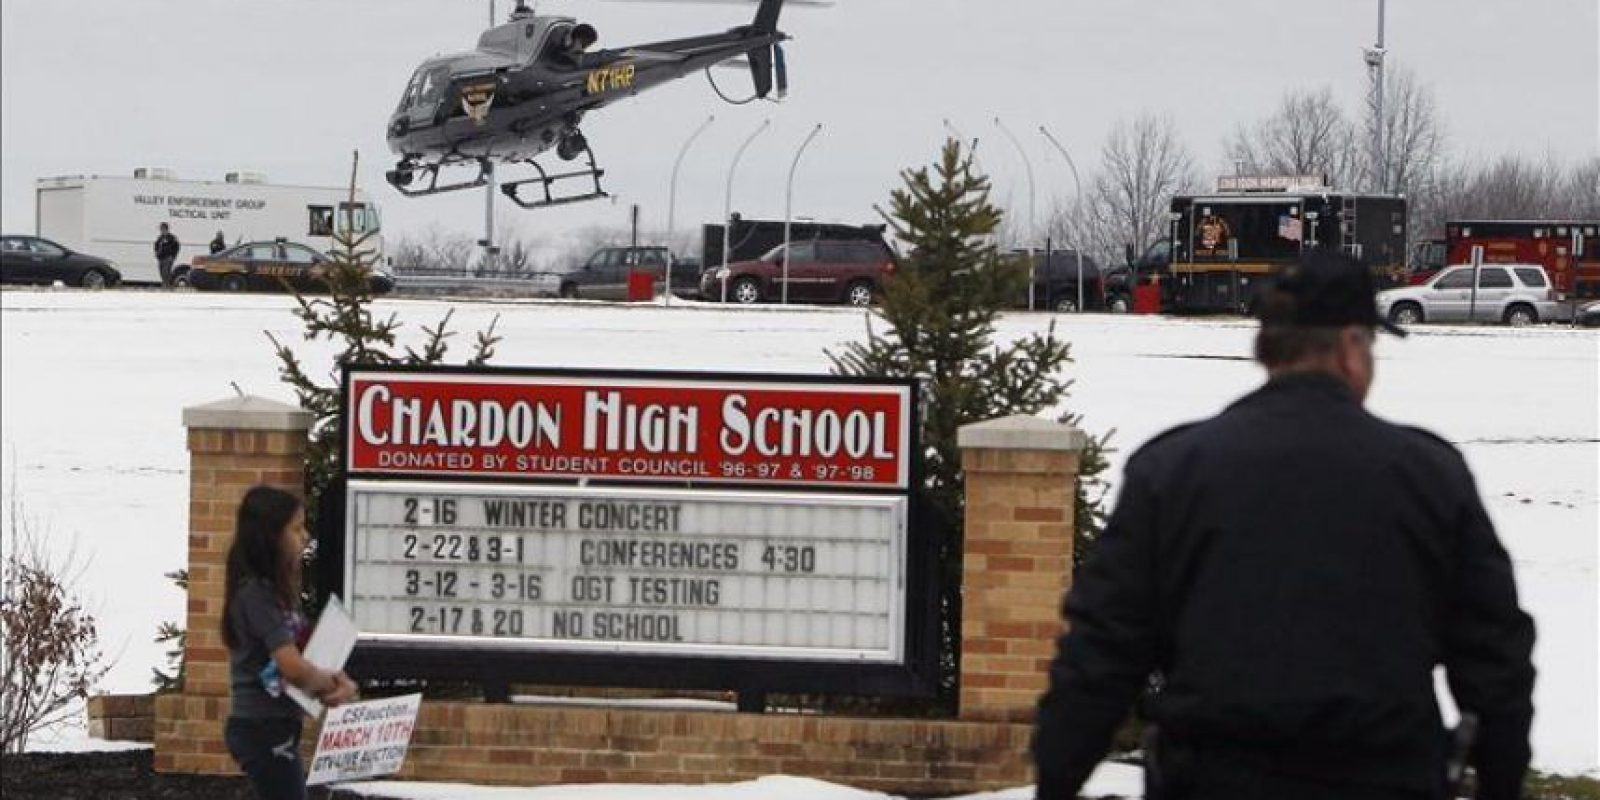 La policía rodea el instituto de Chardon, Ohio (EE.UU.). Al menos cinco estudiantes resultaron heridos hoy en un tiroteo en el instituto de Chardon, Ohio (EE.UU.), y el supuesto autor de los disparos, al parecer otro alumno, ha sido detenido, según varias autoridades citadas por medios locales. EFE